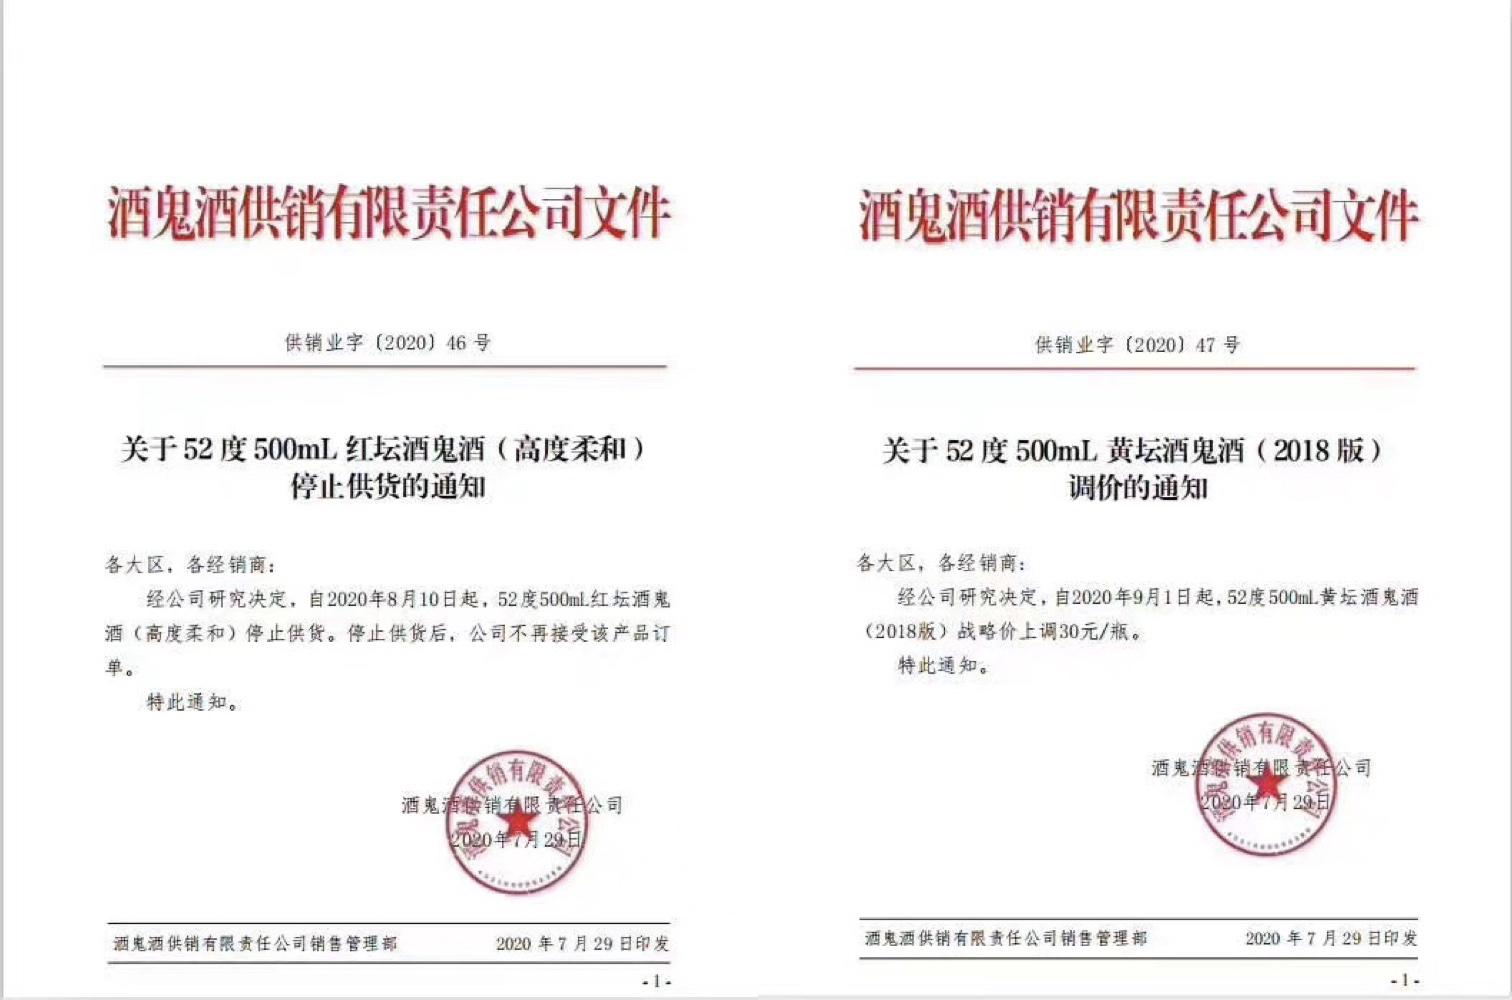 一周酒讯:贵州茅台、水井坊等酒企发半年报 古越龙山修定增方案